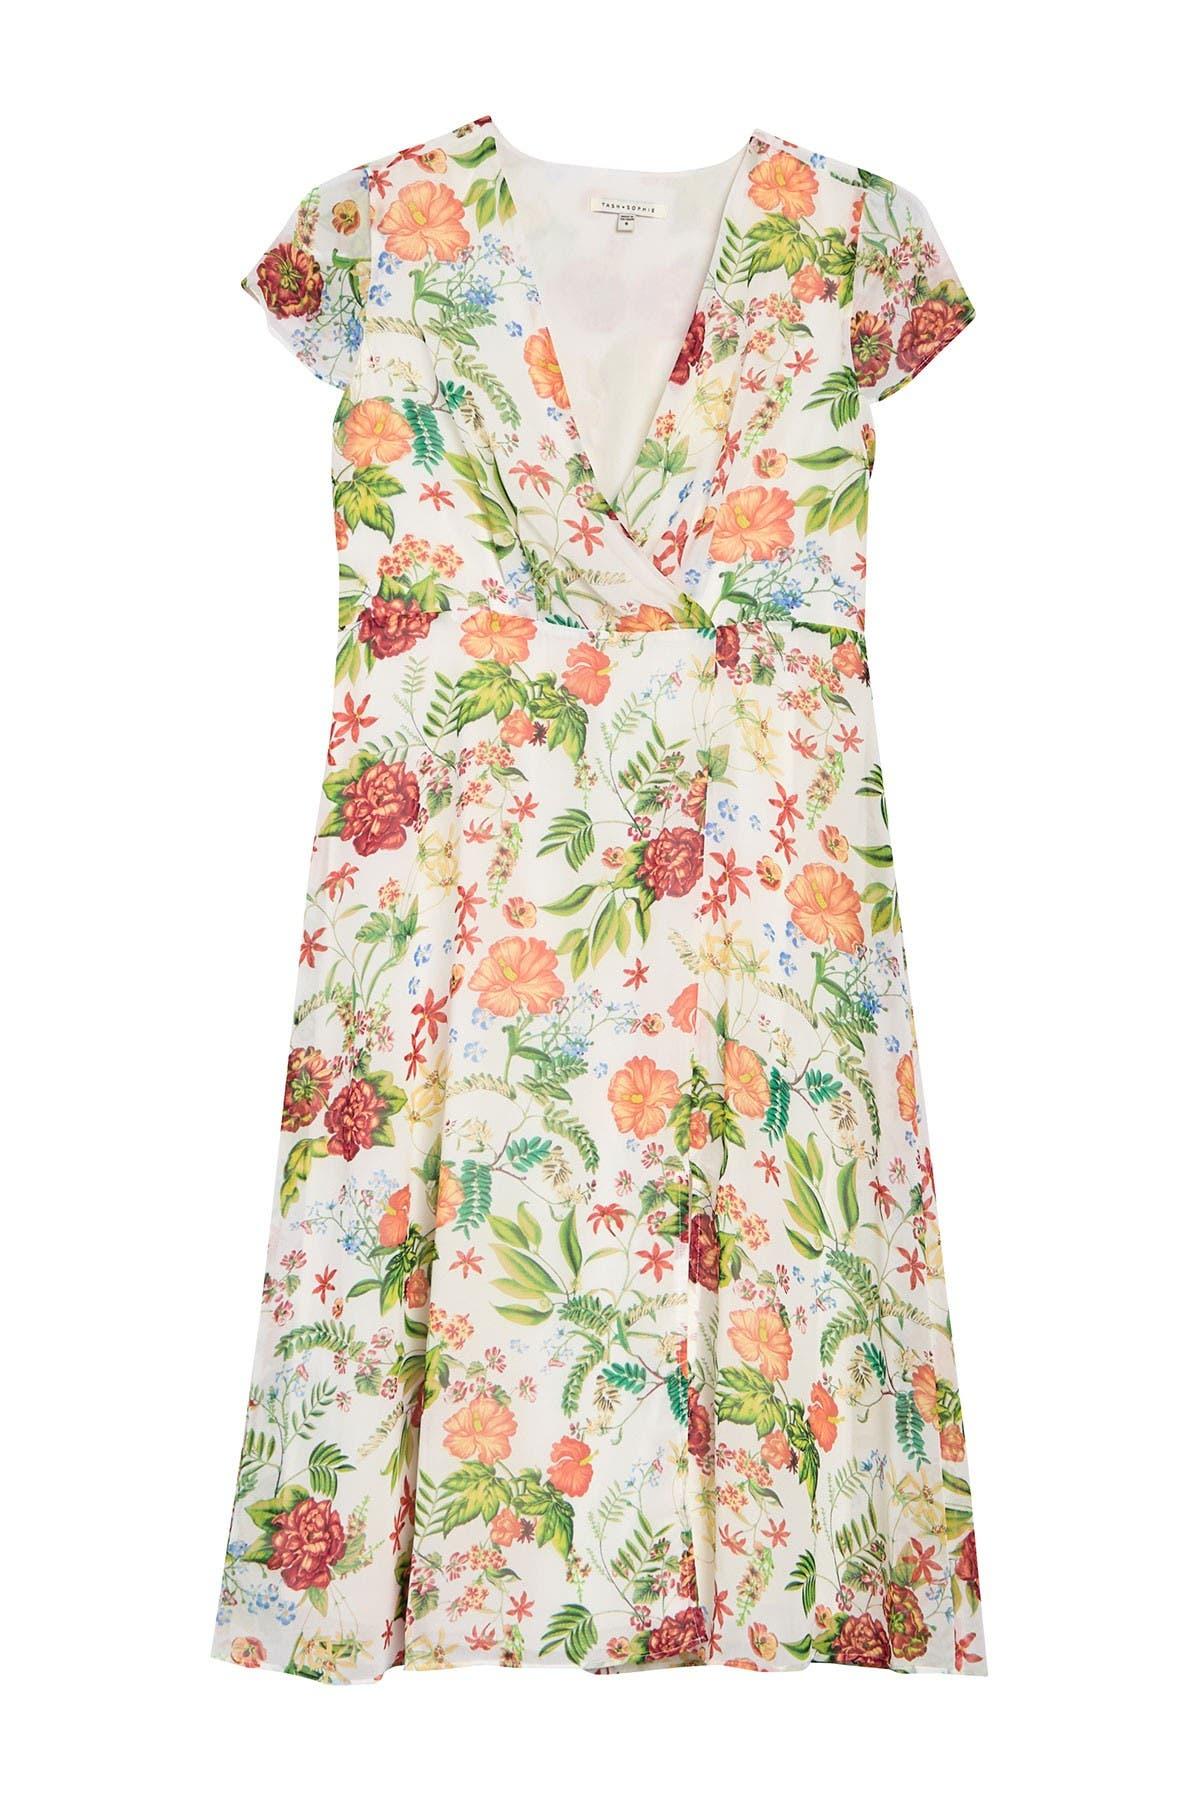 Image of TASH + SOPHIE Faux Wrap Floral Print Dress